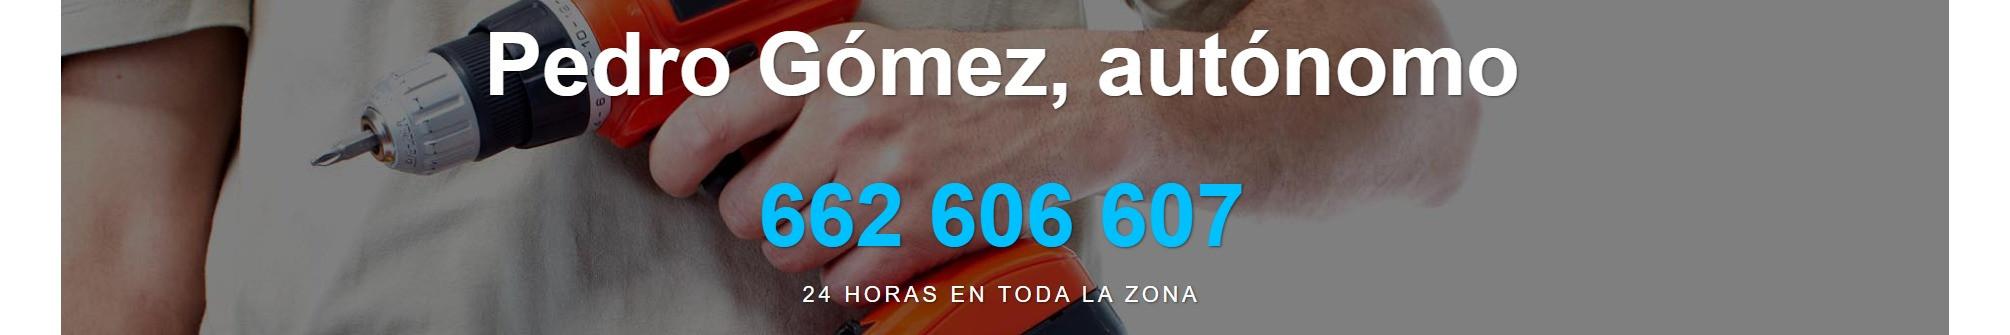 Pedro Gómez Reparaciones